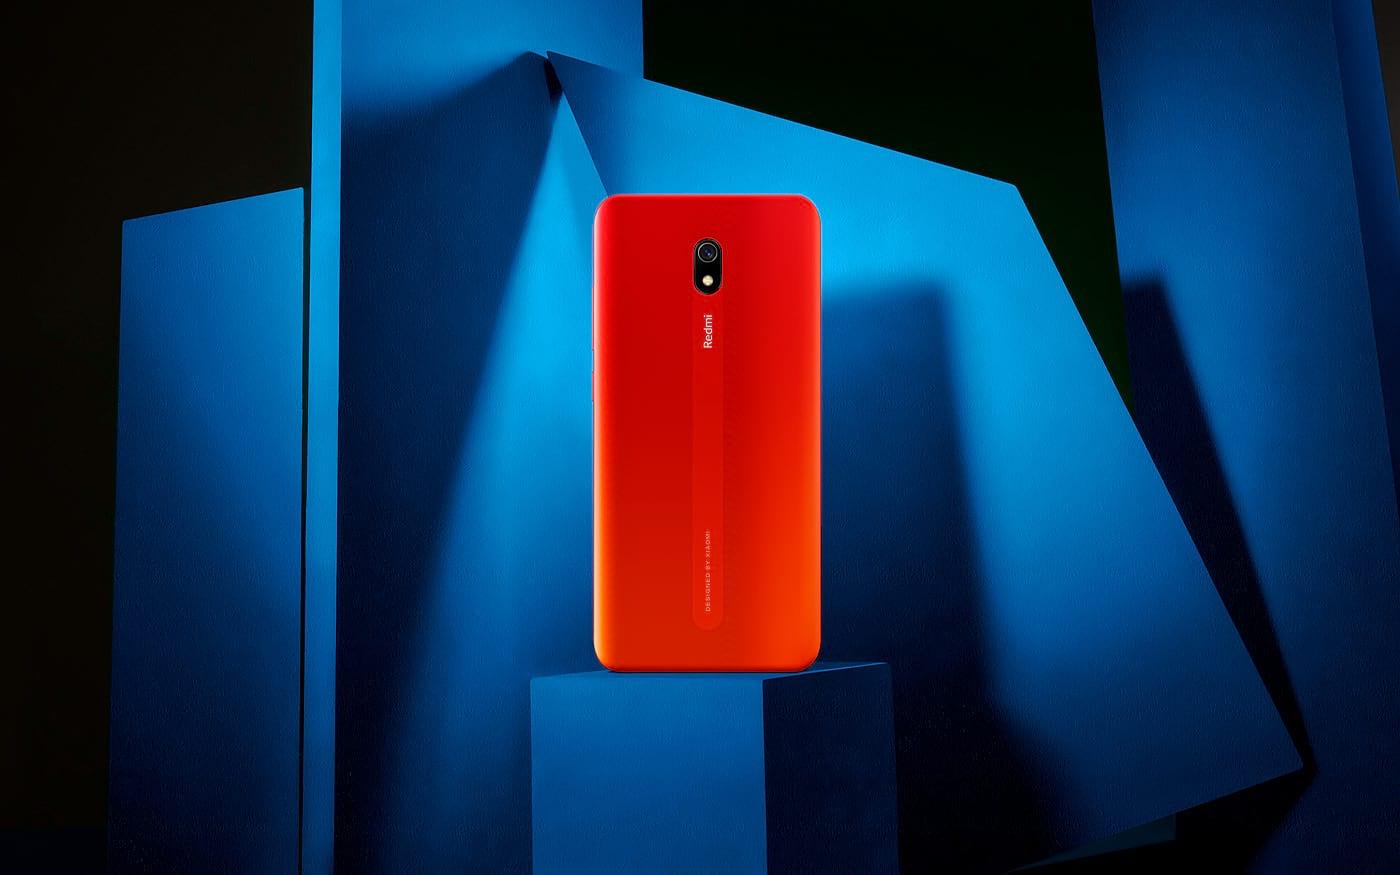 Redmi 8A chega com tela HD+ de 6,2 polegadas e bateria de 5.000 mAh